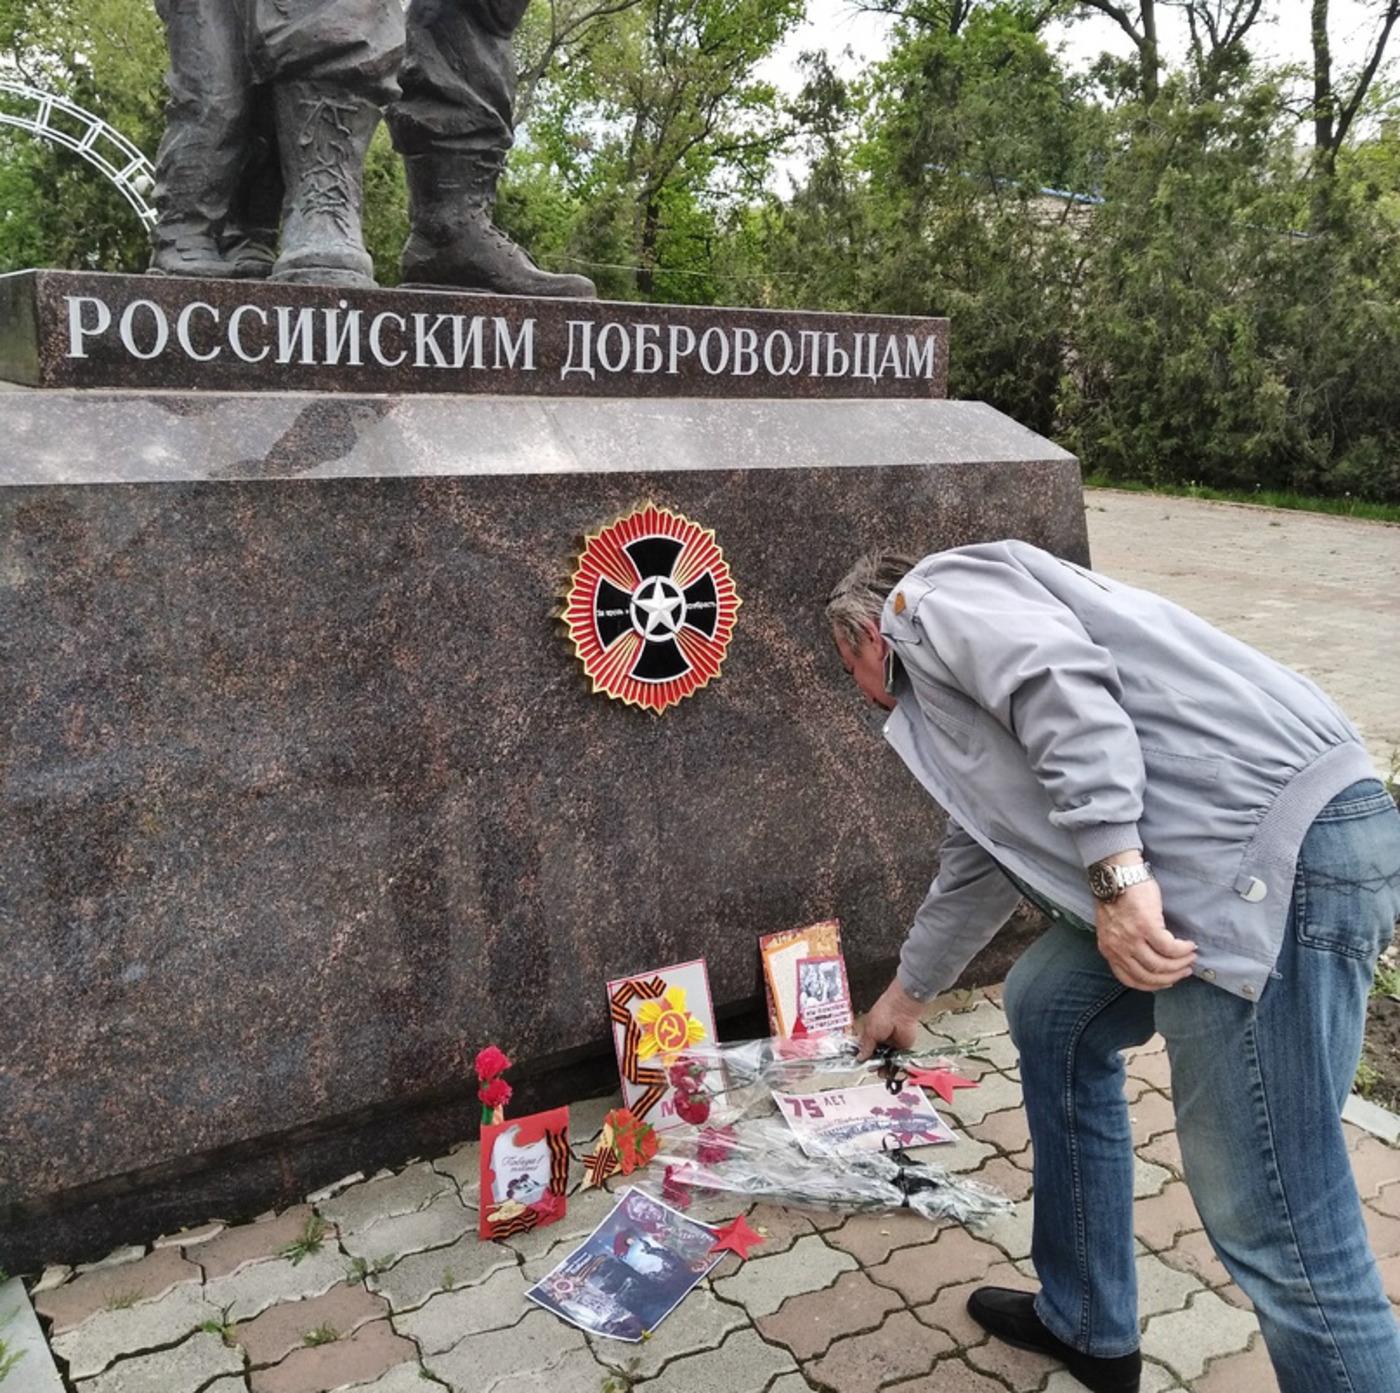 Представители ОД «Мир Луганщине» возложили цветы к памятнику Российским добровольцам в Луганске 1